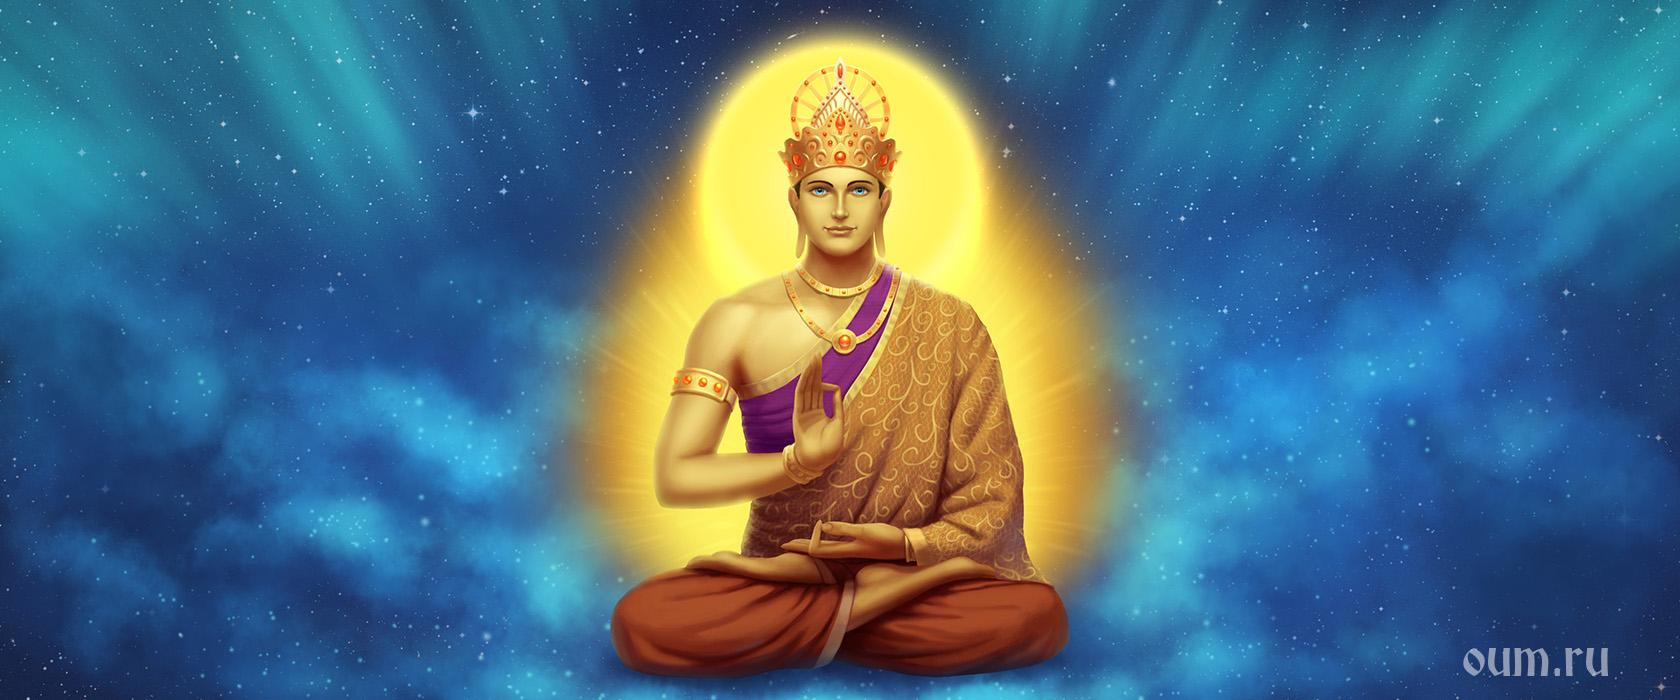 Реферат на тему будда шакьямуни 4968